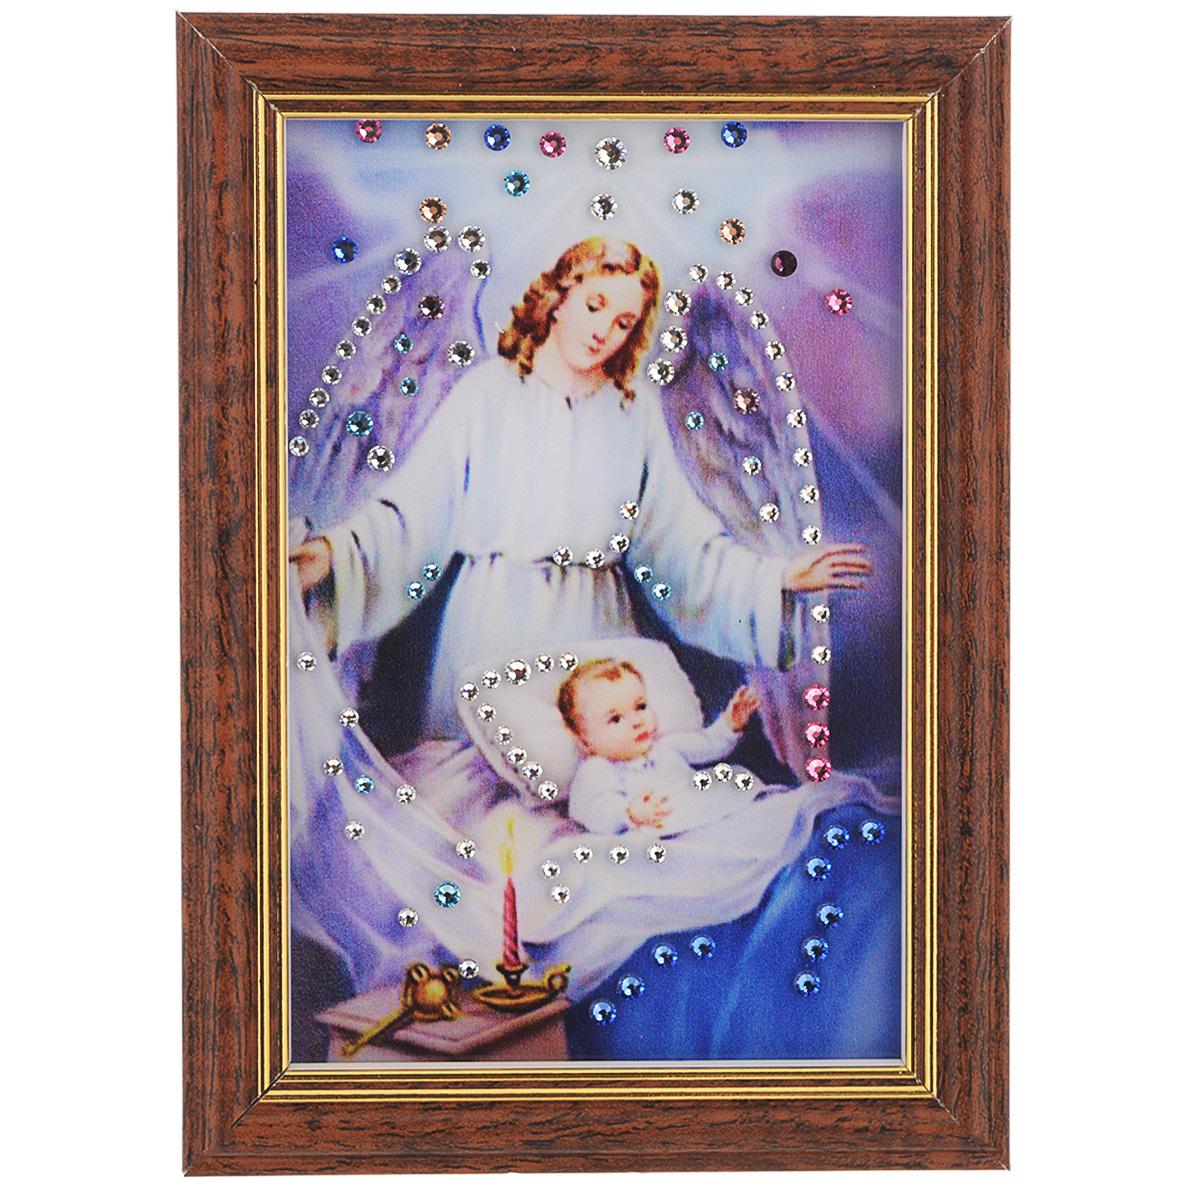 Картина с кристаллами Swarovski Ангел-защитник, 12,5 см х 17 см1446Изящная картина в багетной раме, инкрустирована кристаллами Swarovski, которые отличаются четкой и ровной огранкой, ярким блеском и чистотой цвета. Красочное изображение ангела и ребеночка, расположенное под стеклом, прекрасно дополняет блеск кристаллов. С обратной стороны имеется ножка для размещения картины на столе. Картина с кристаллами Swarovski Ангел-защитник элегантно украсит интерьер дома или офиса, а также станет прекрасным подарком, который обязательно понравится получателю. Блеск кристаллов в интерьере, что может быть сказочнее и удивительнее. Картина упакована в подарочную картонную коробку синего цвета и комплектуется сертификатом соответствия Swarovski.